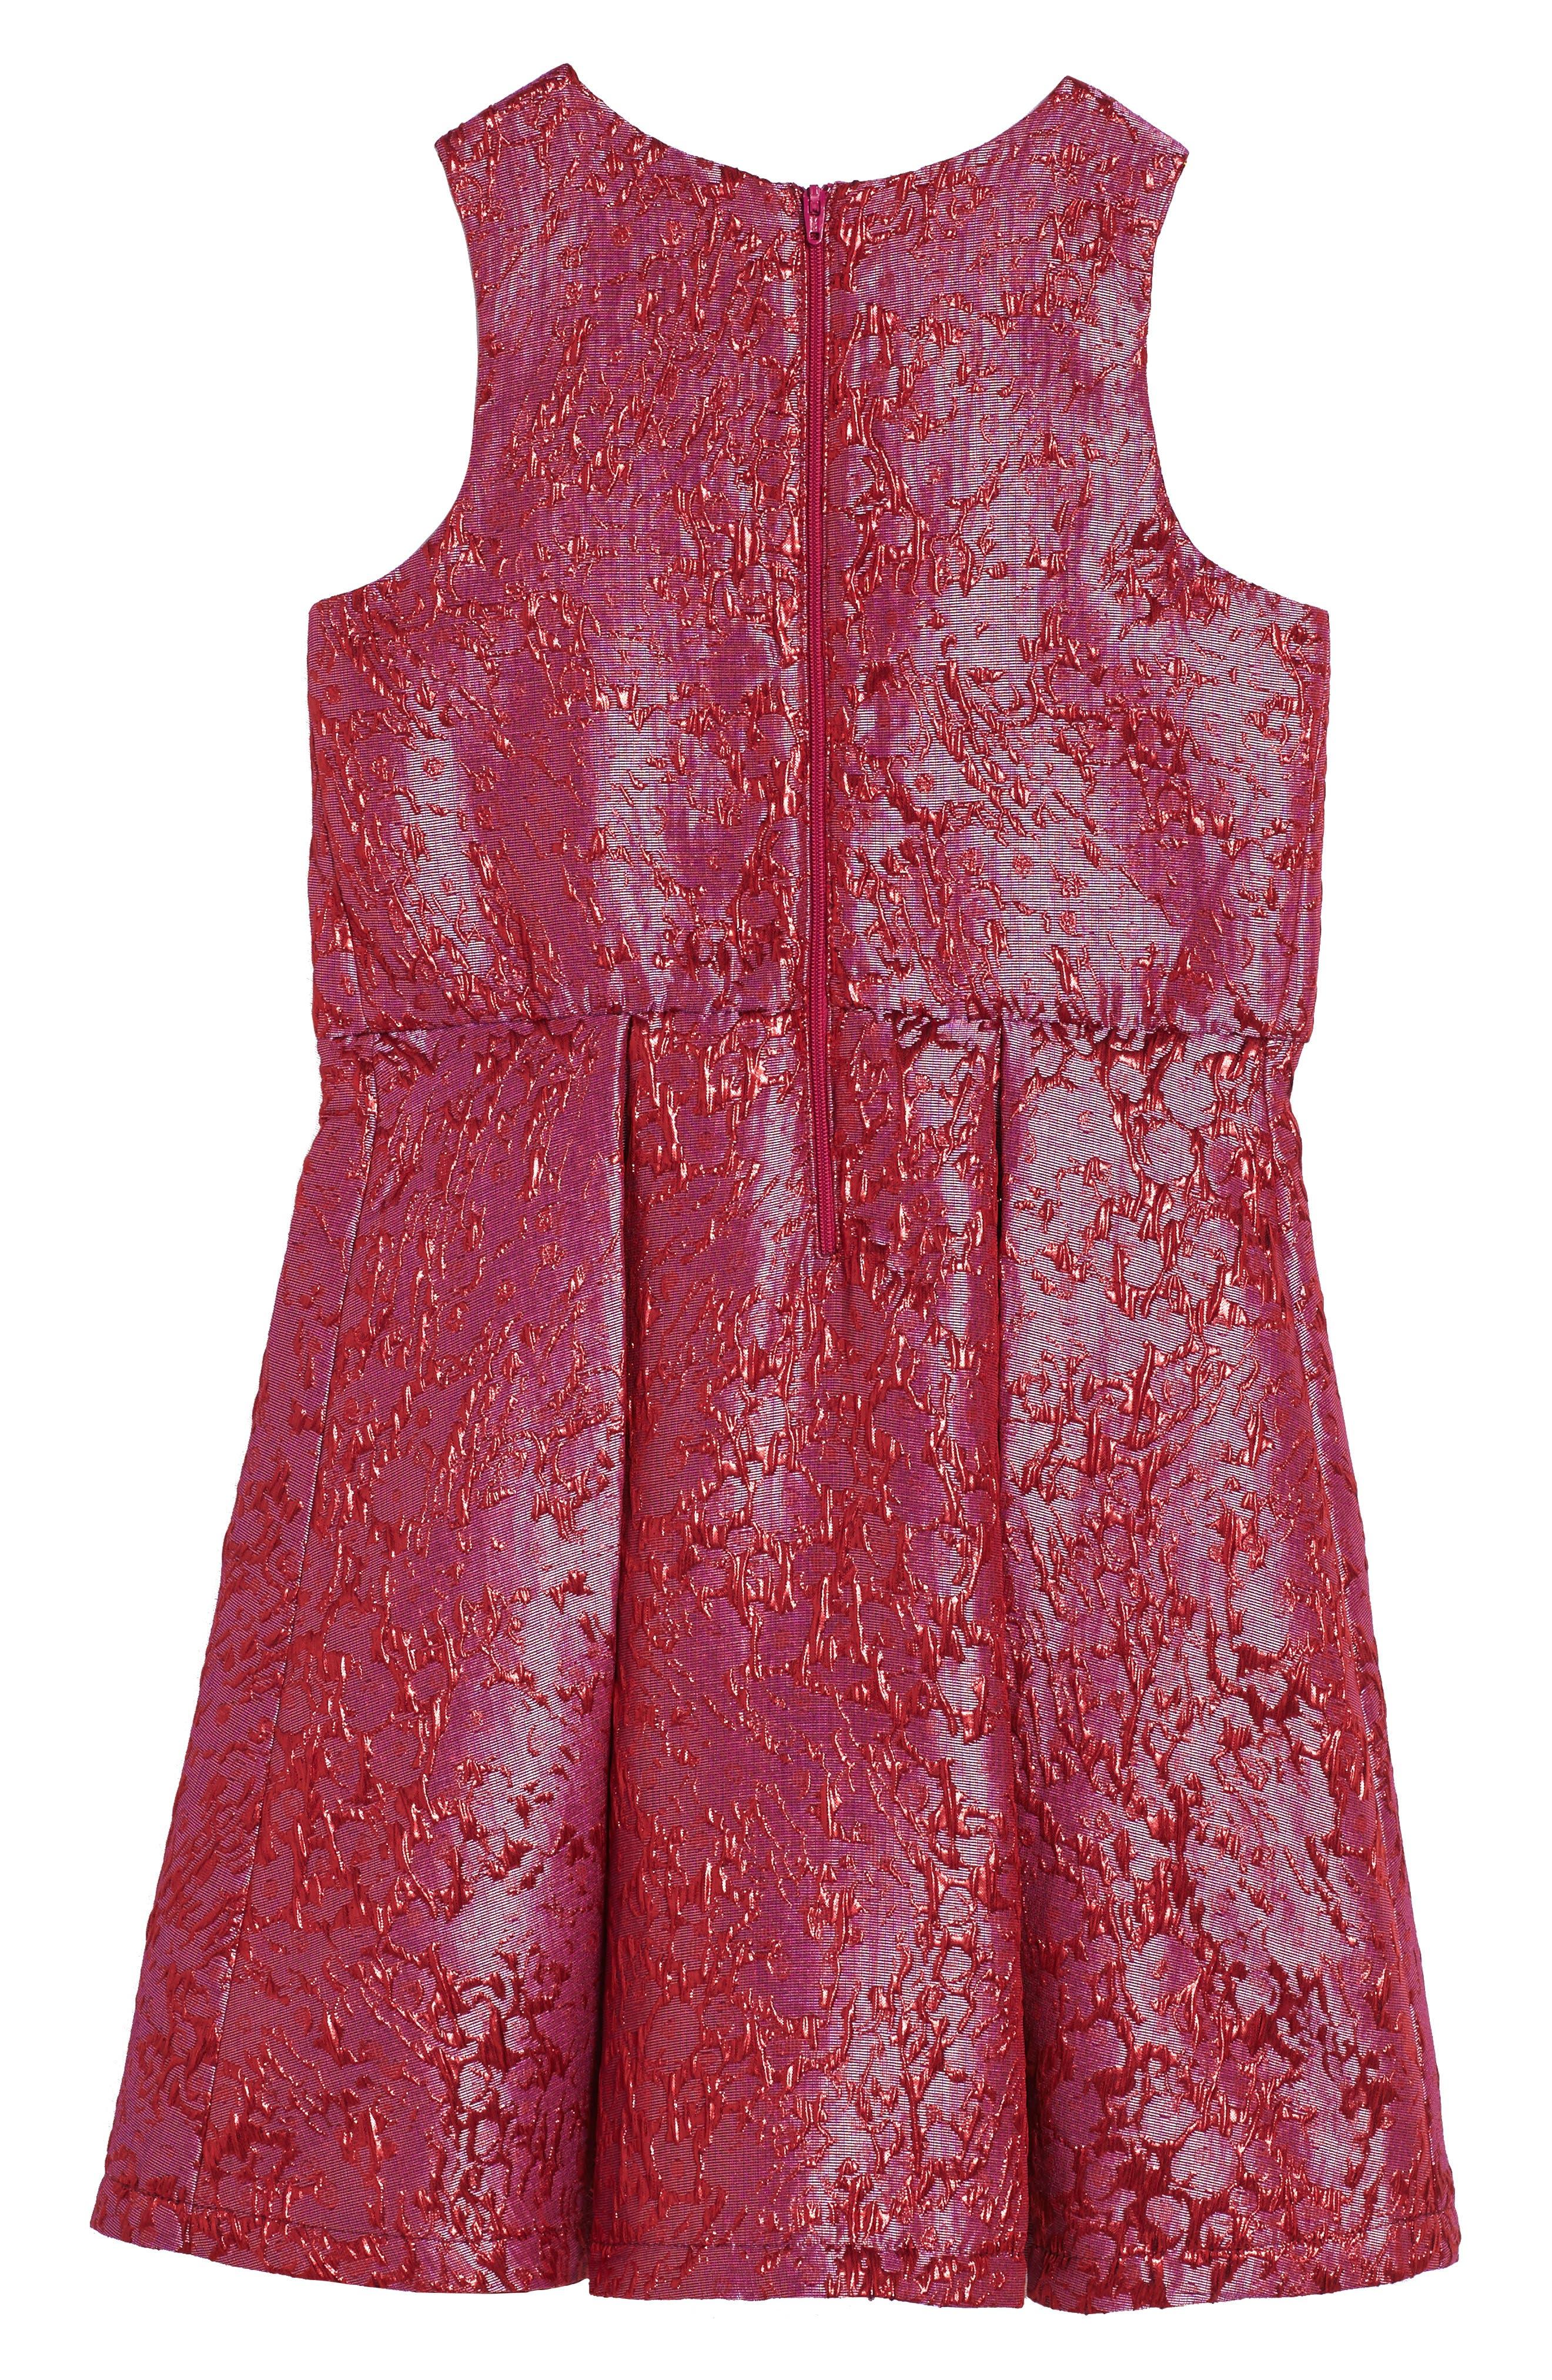 Textured Jacquard Dress,                             Alternate thumbnail 2, color,                             651